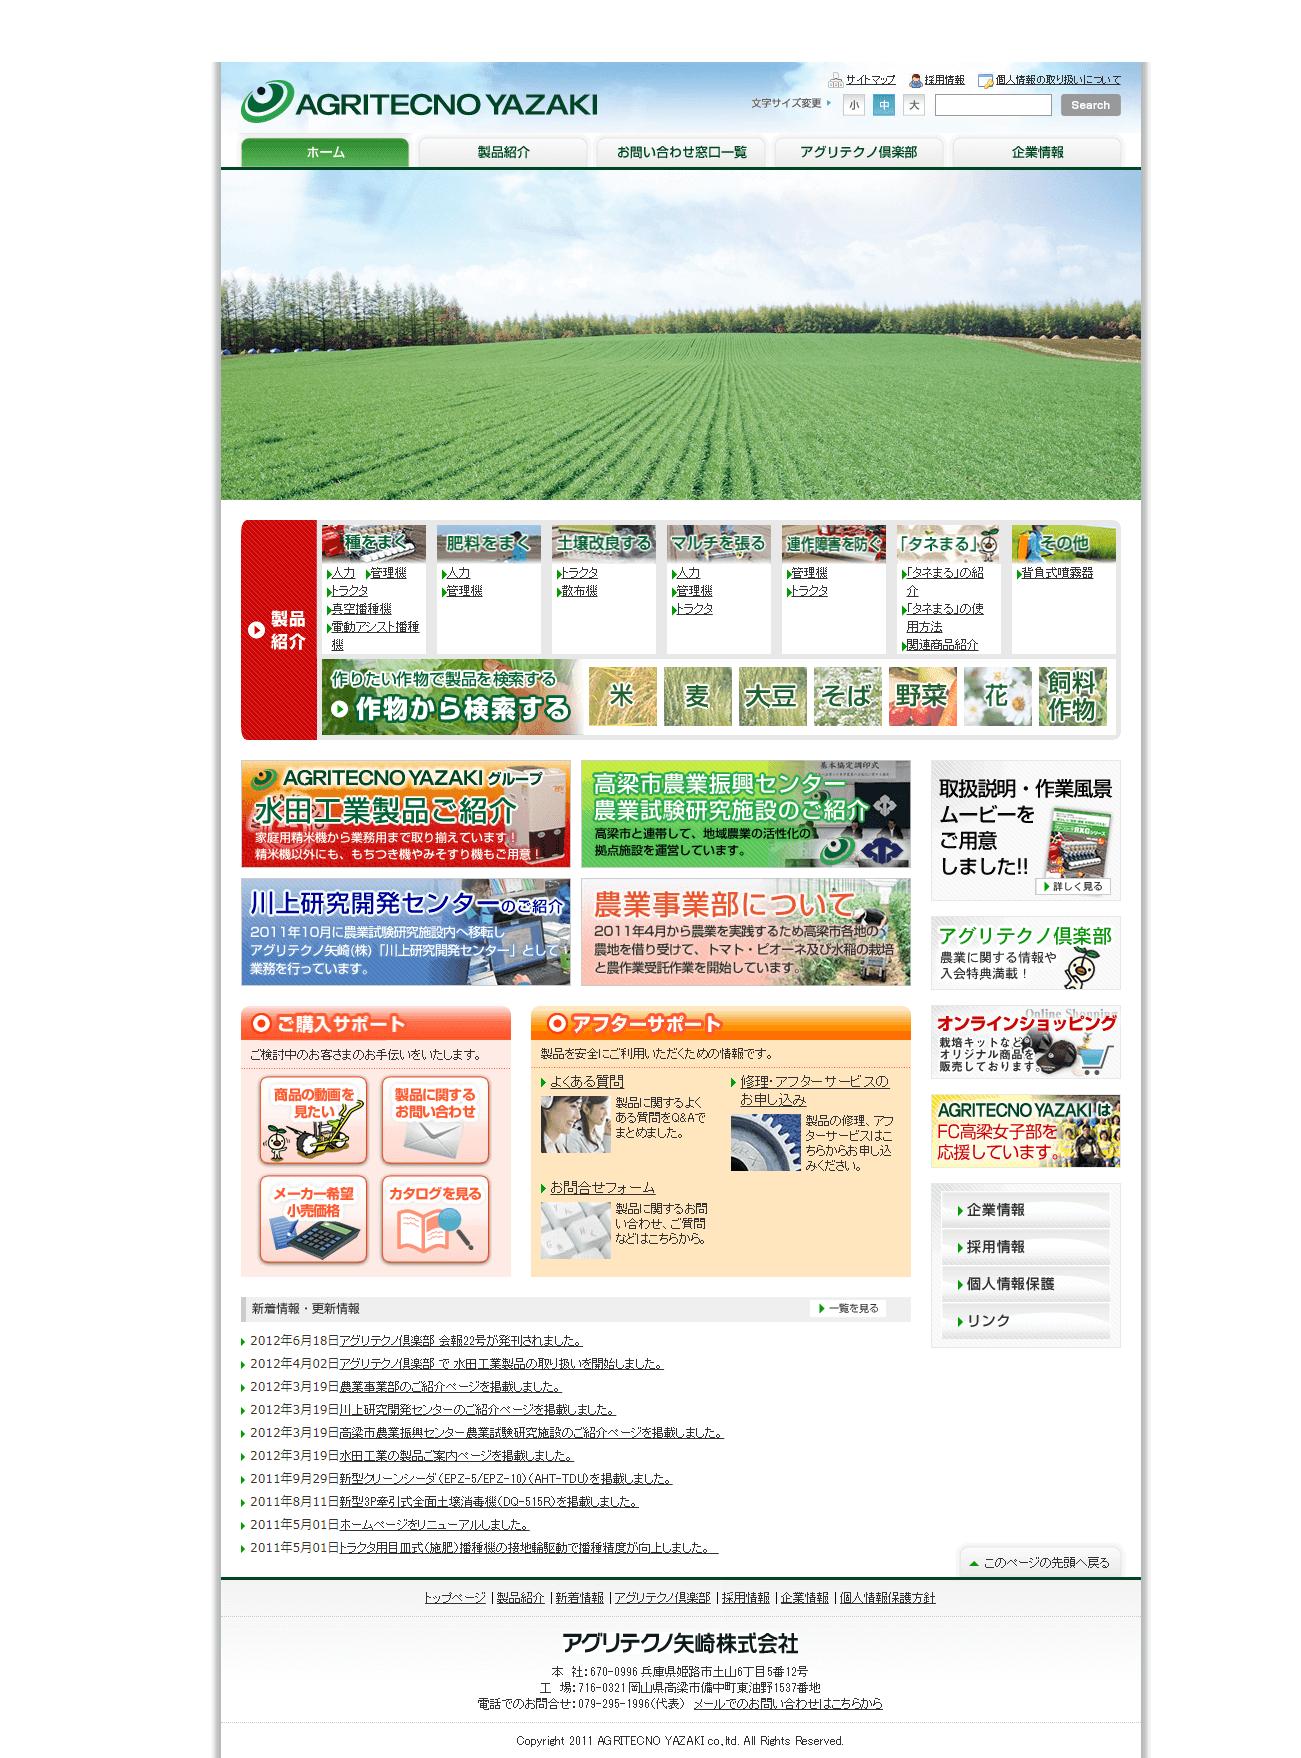 旧サイト:姫路市 アグリテクノ矢崎株式会社様 ホームページ制作